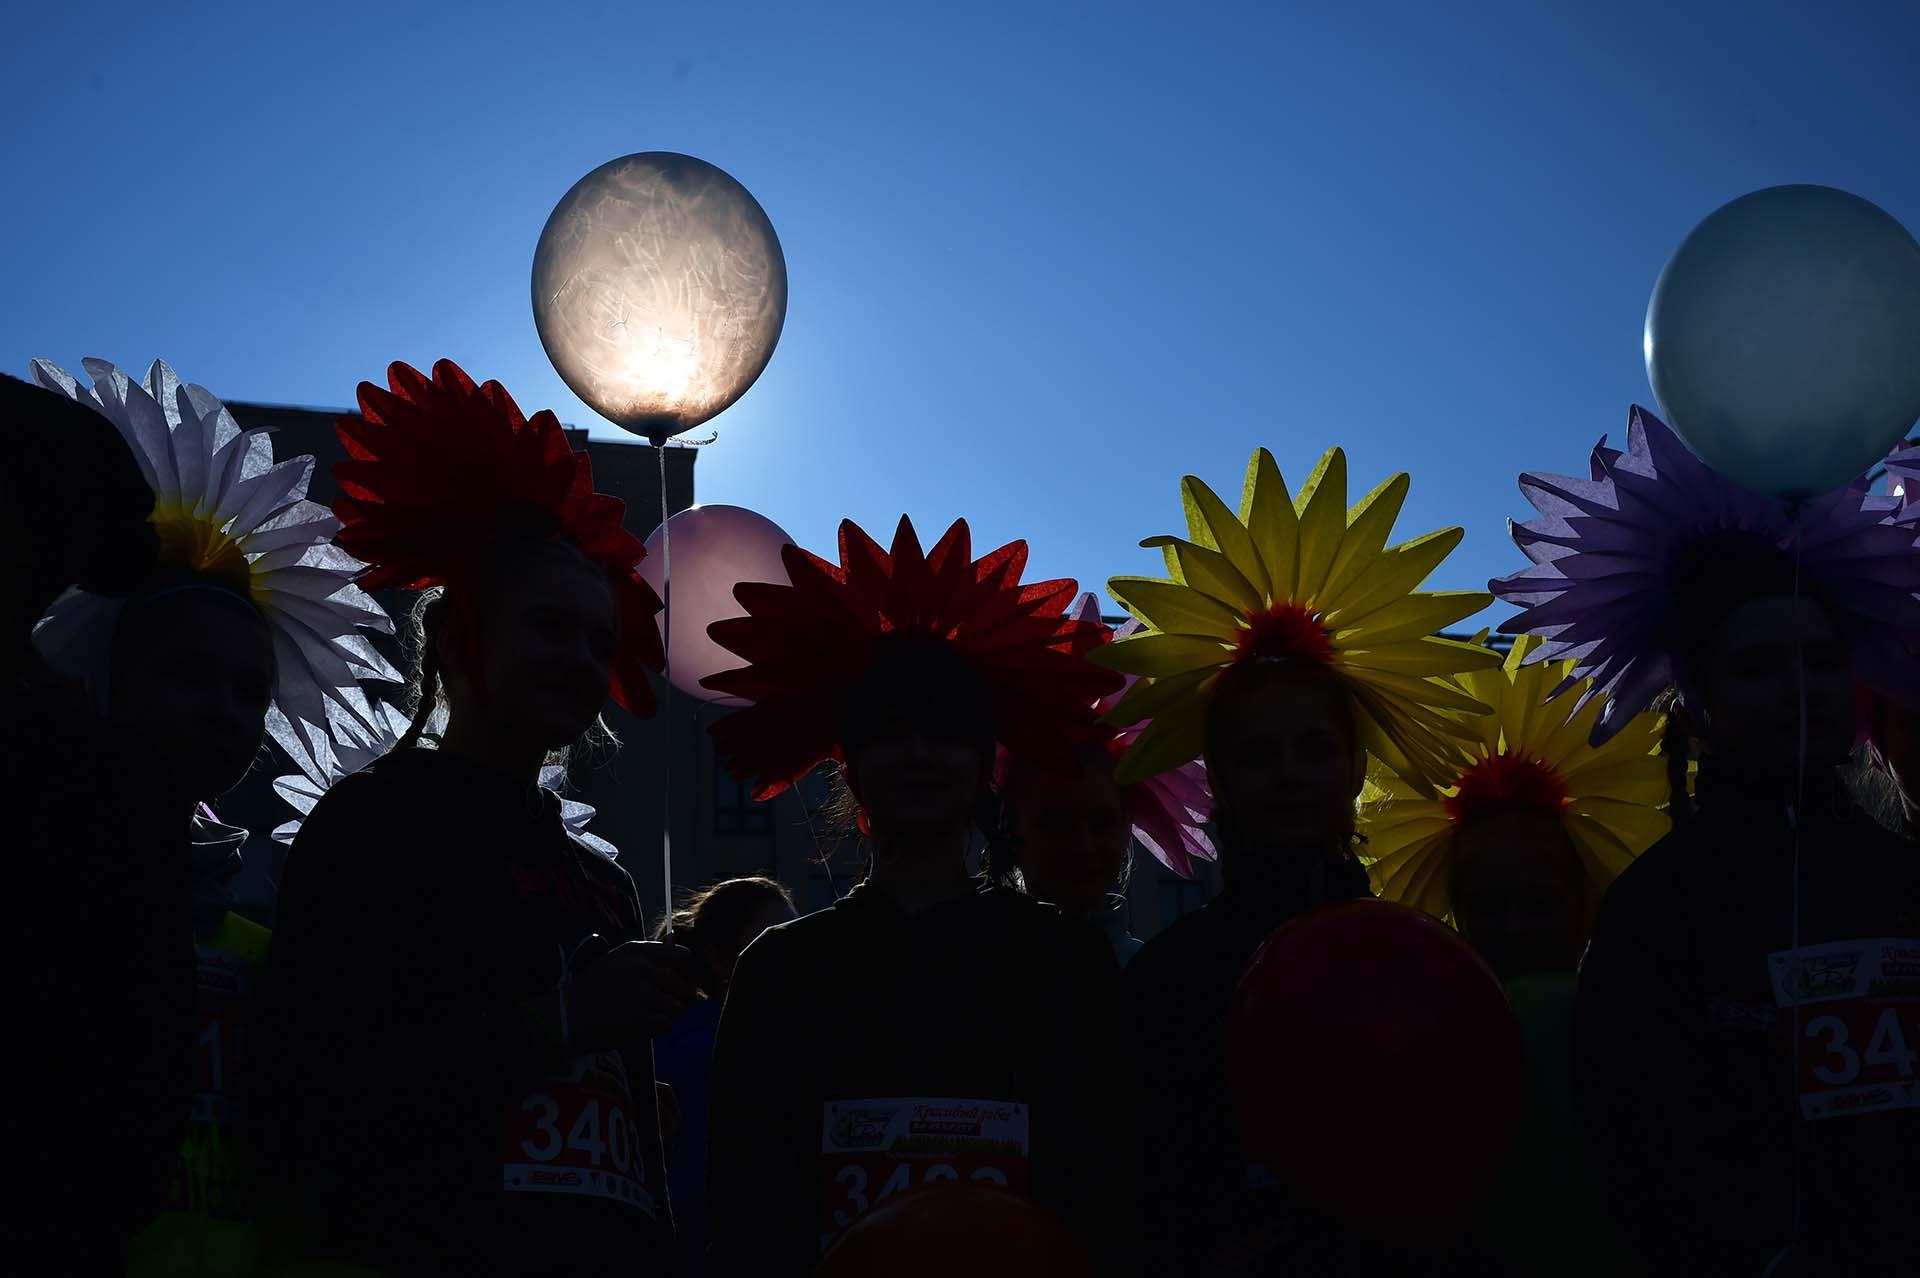 Mujeres participan de la maratón de la belleza con motivo del Día Internacional de la Mujer en Minsk (Photo by Sergei GAPON / AFP)